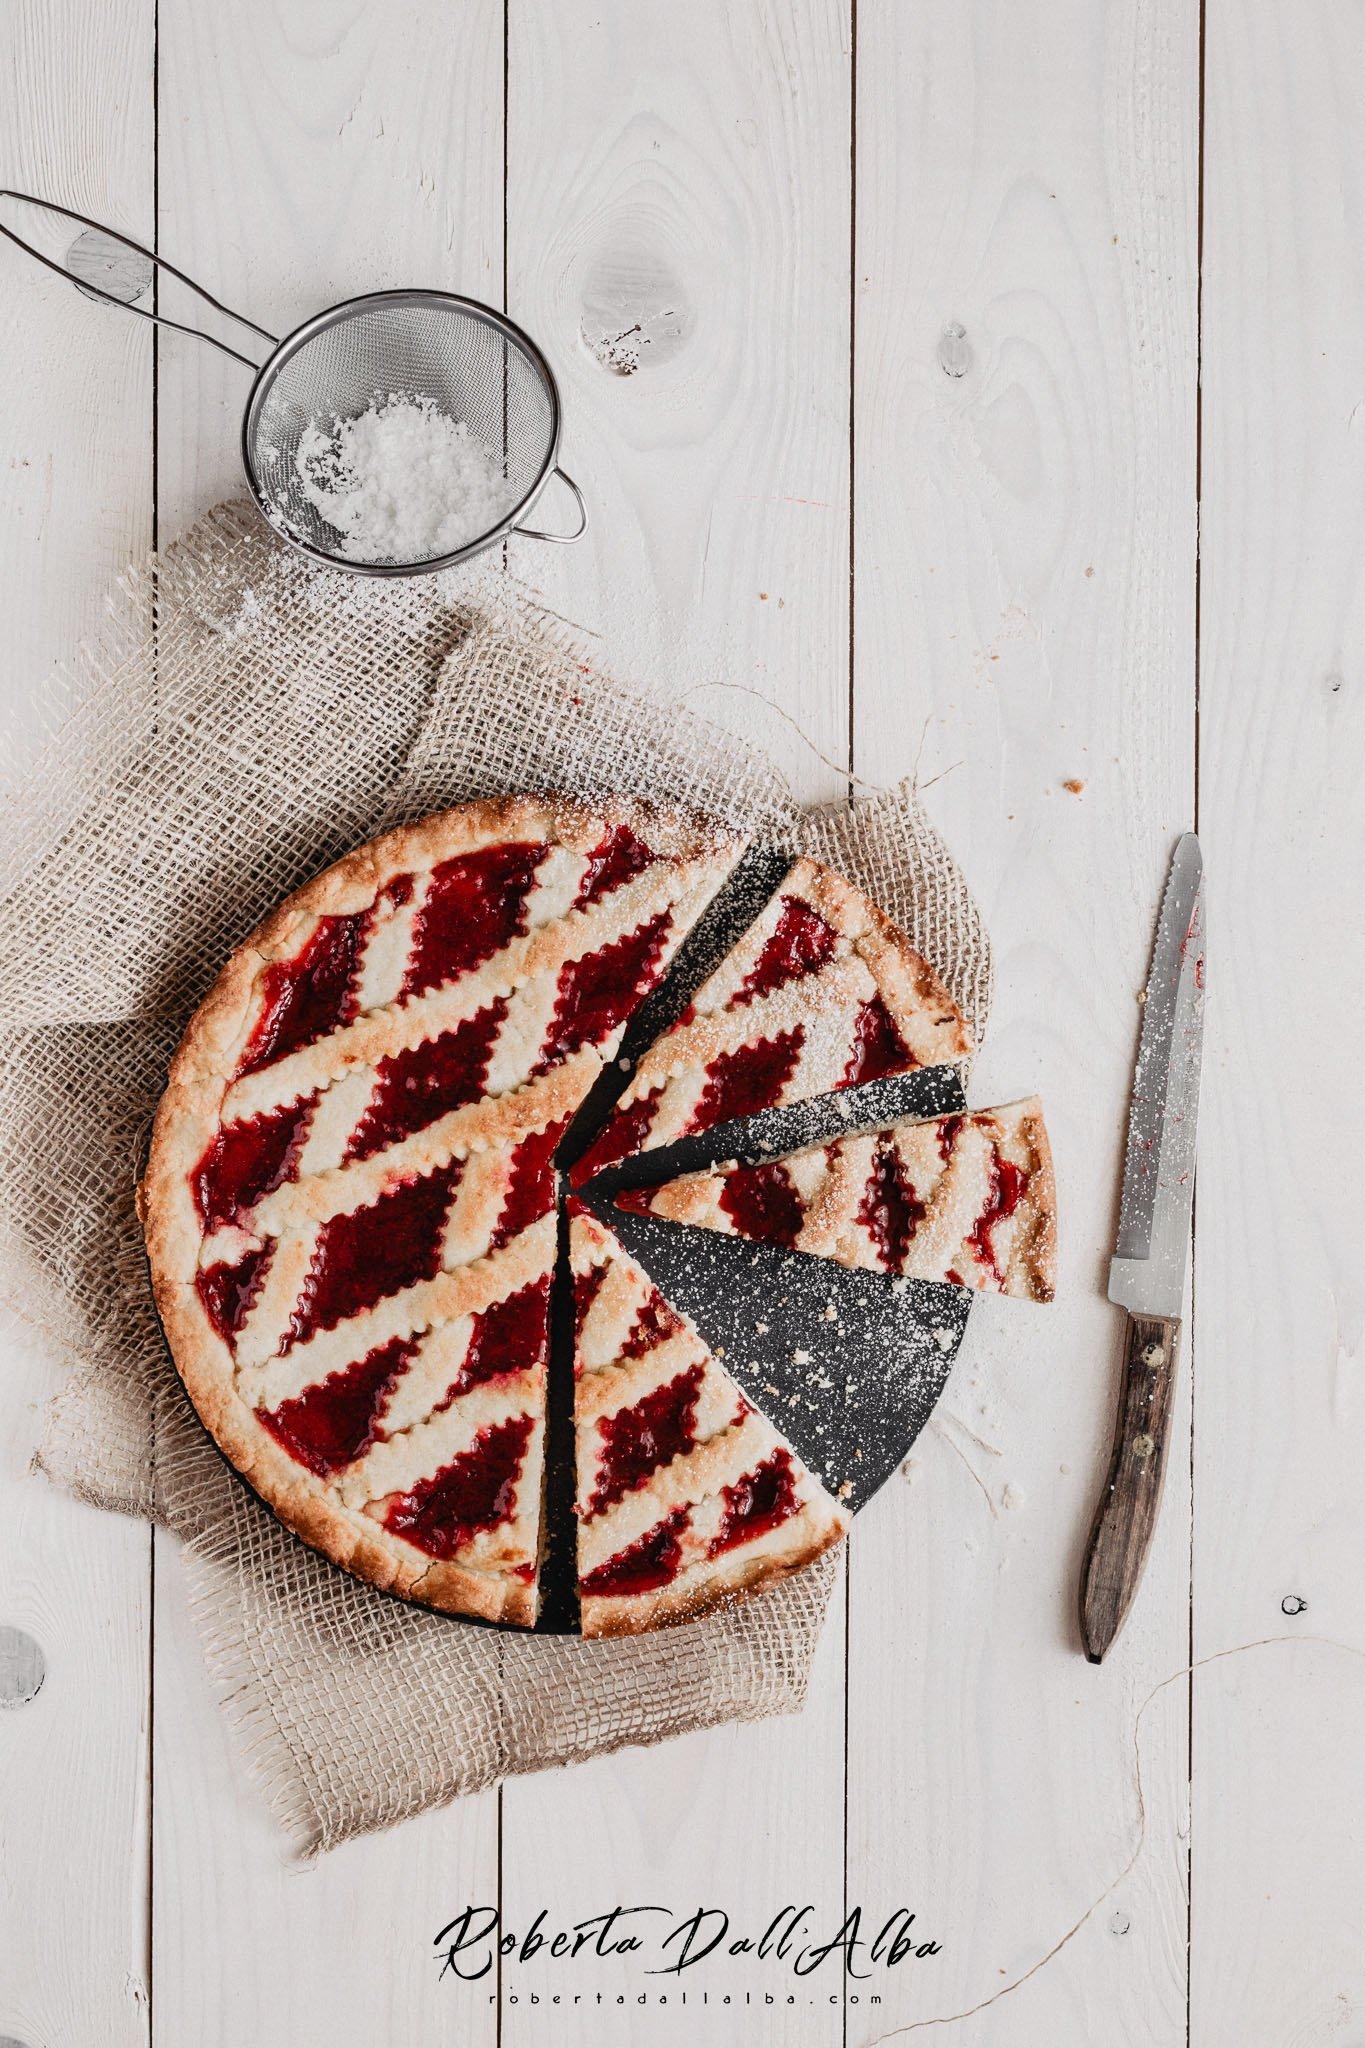 Homemade italian crostata with strawberries' jam